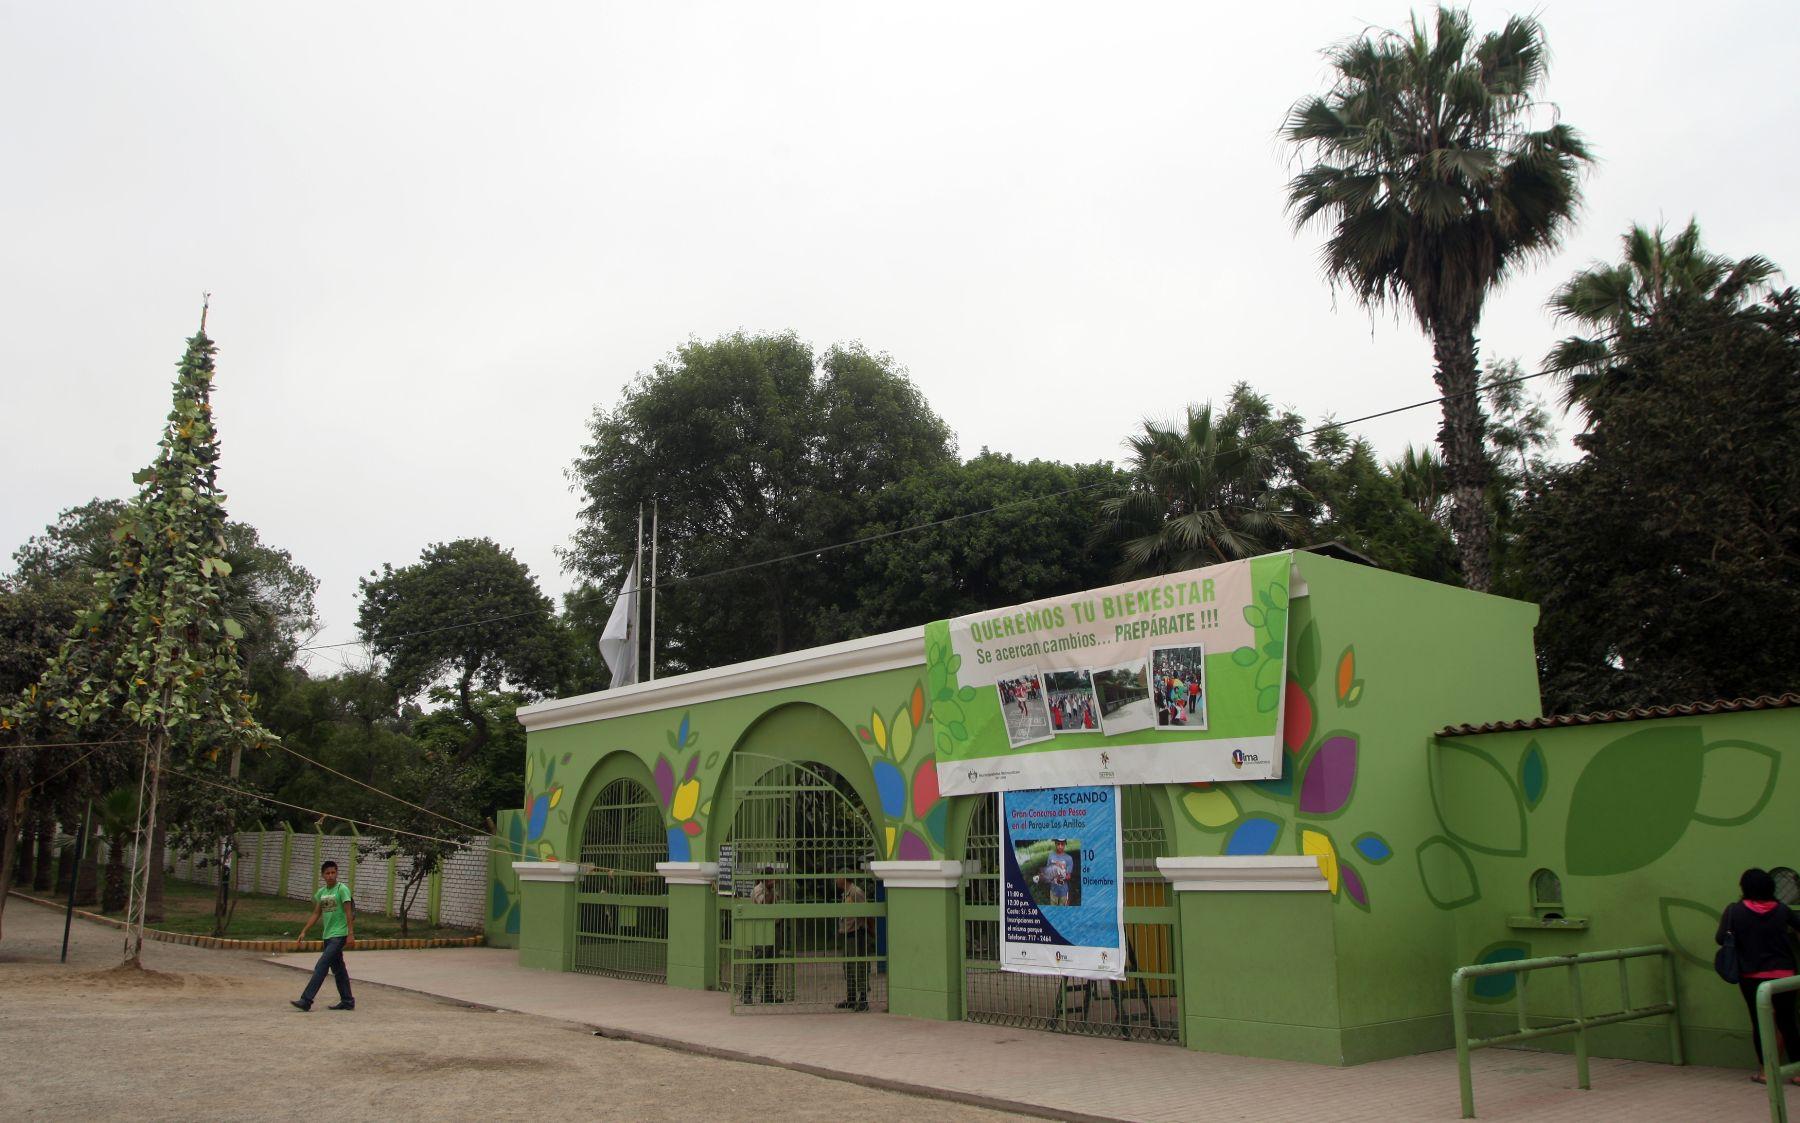 Tres parques zonales de lima ser n centros de refugio ante for Plano de villa el salvador